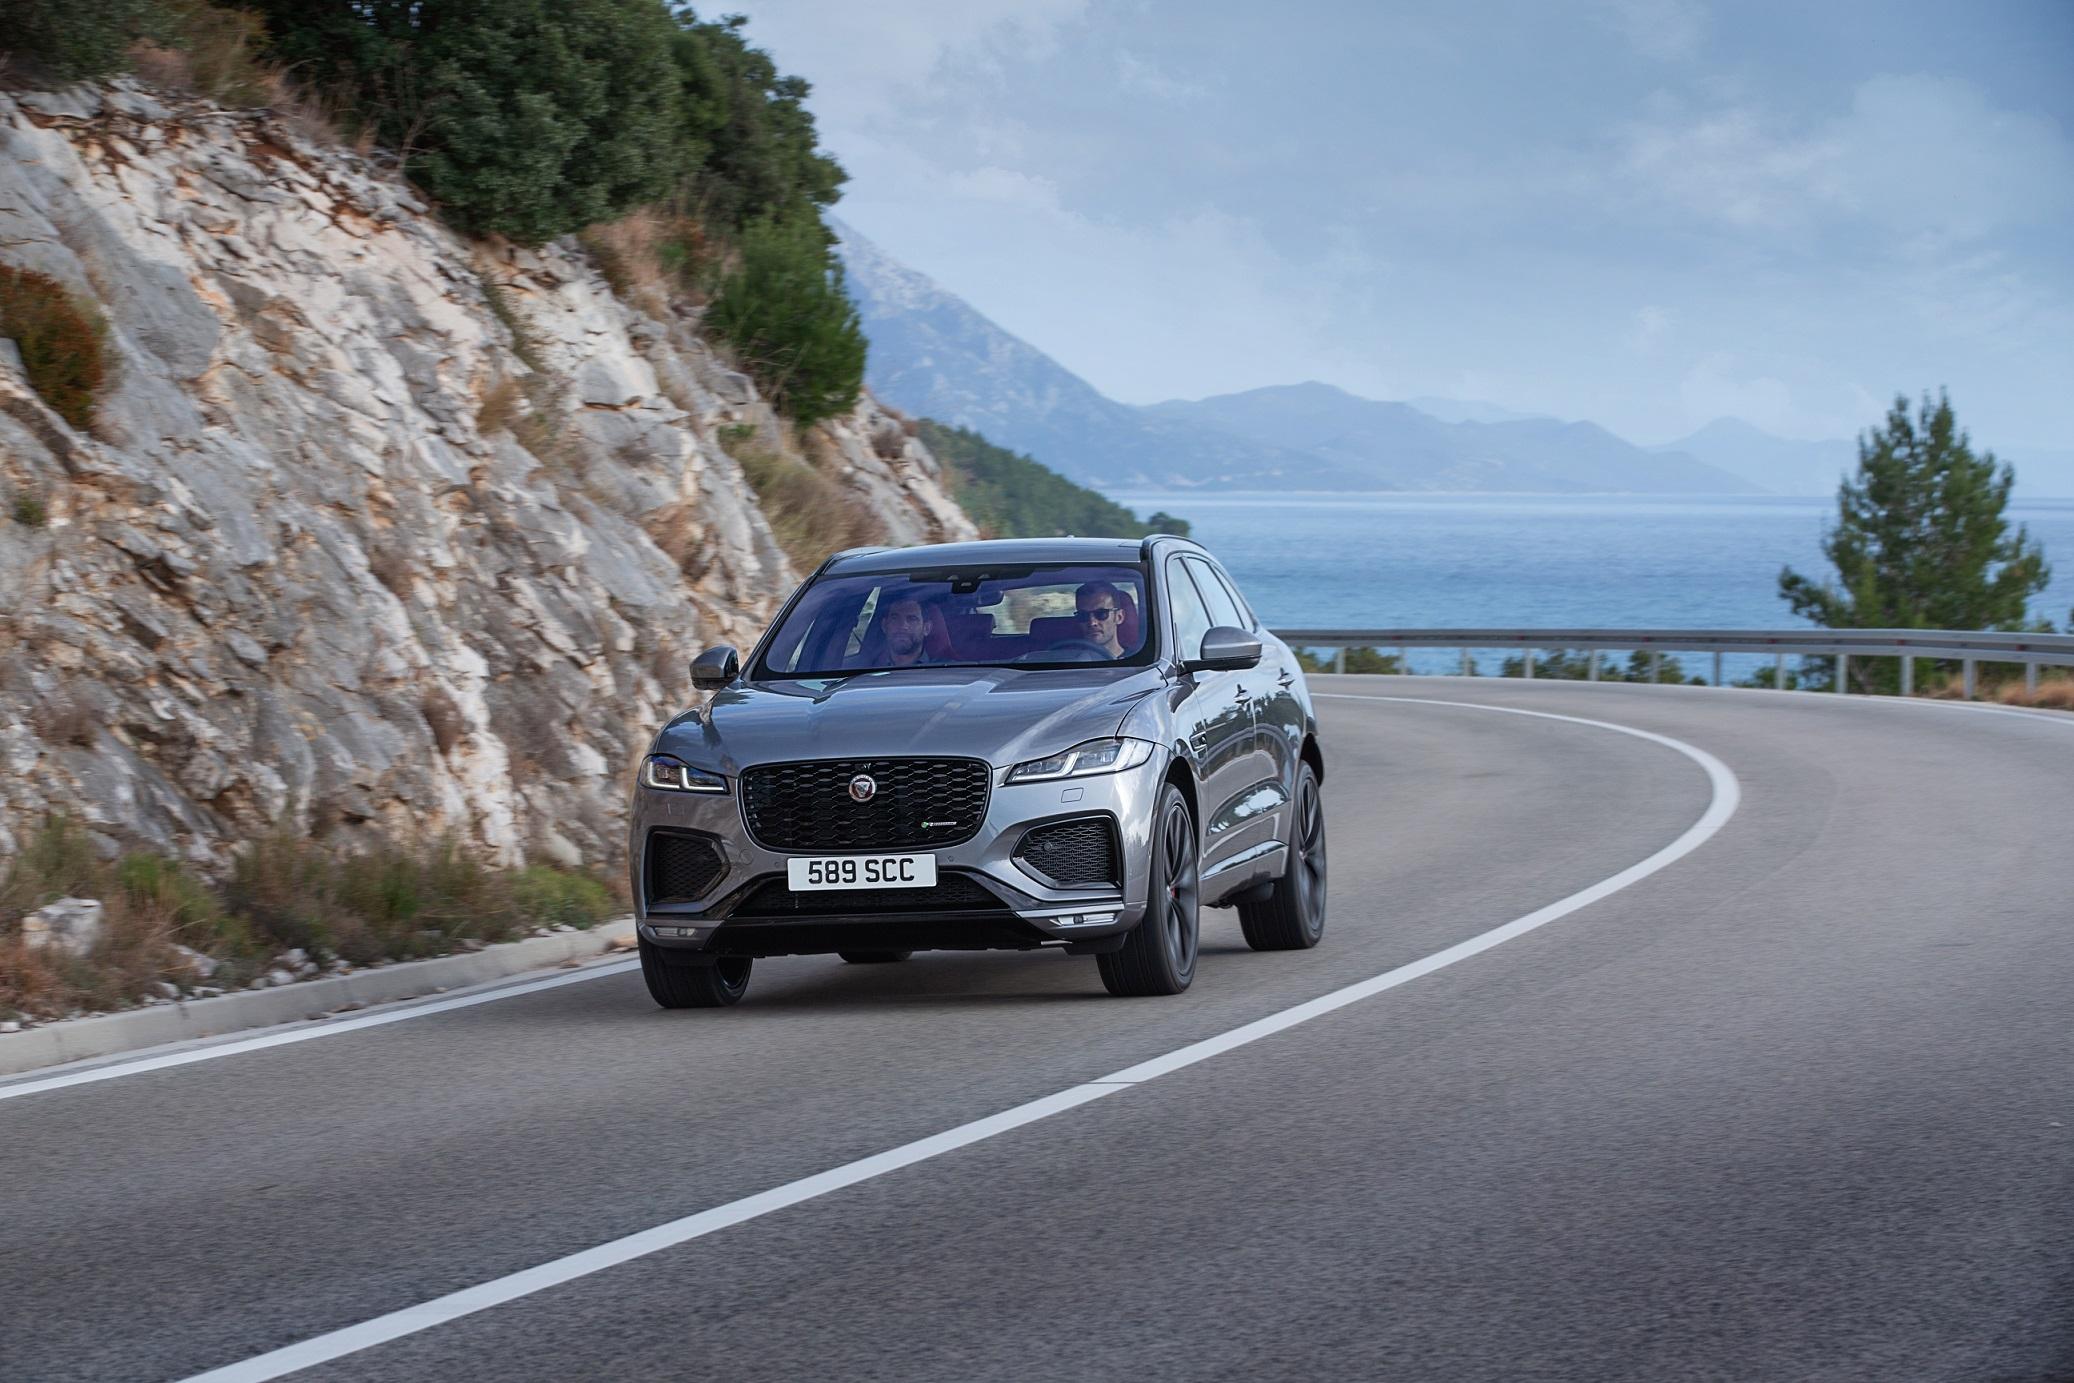 New Jaguar F-Pace